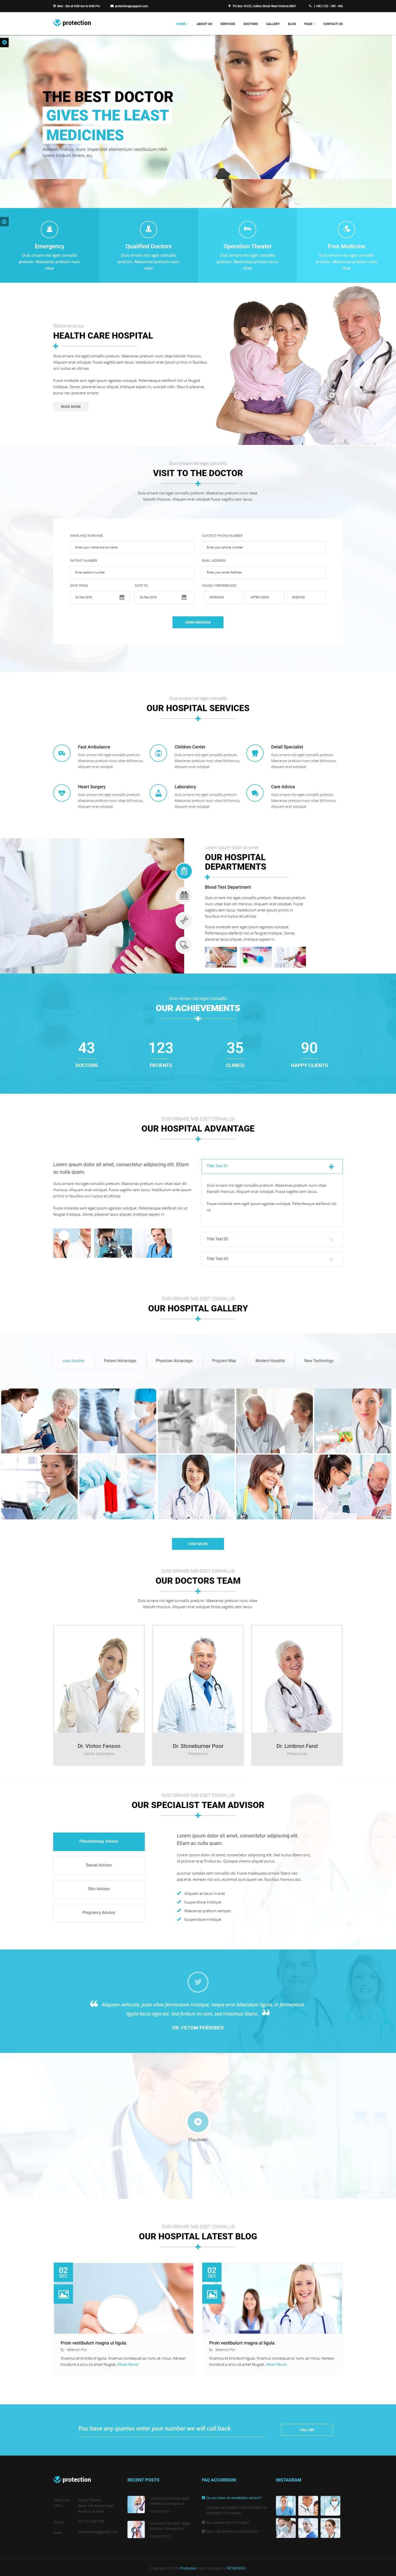 Mẫu website bệnh viện chuyên nghiệp, hiện đại, chuẩn seo